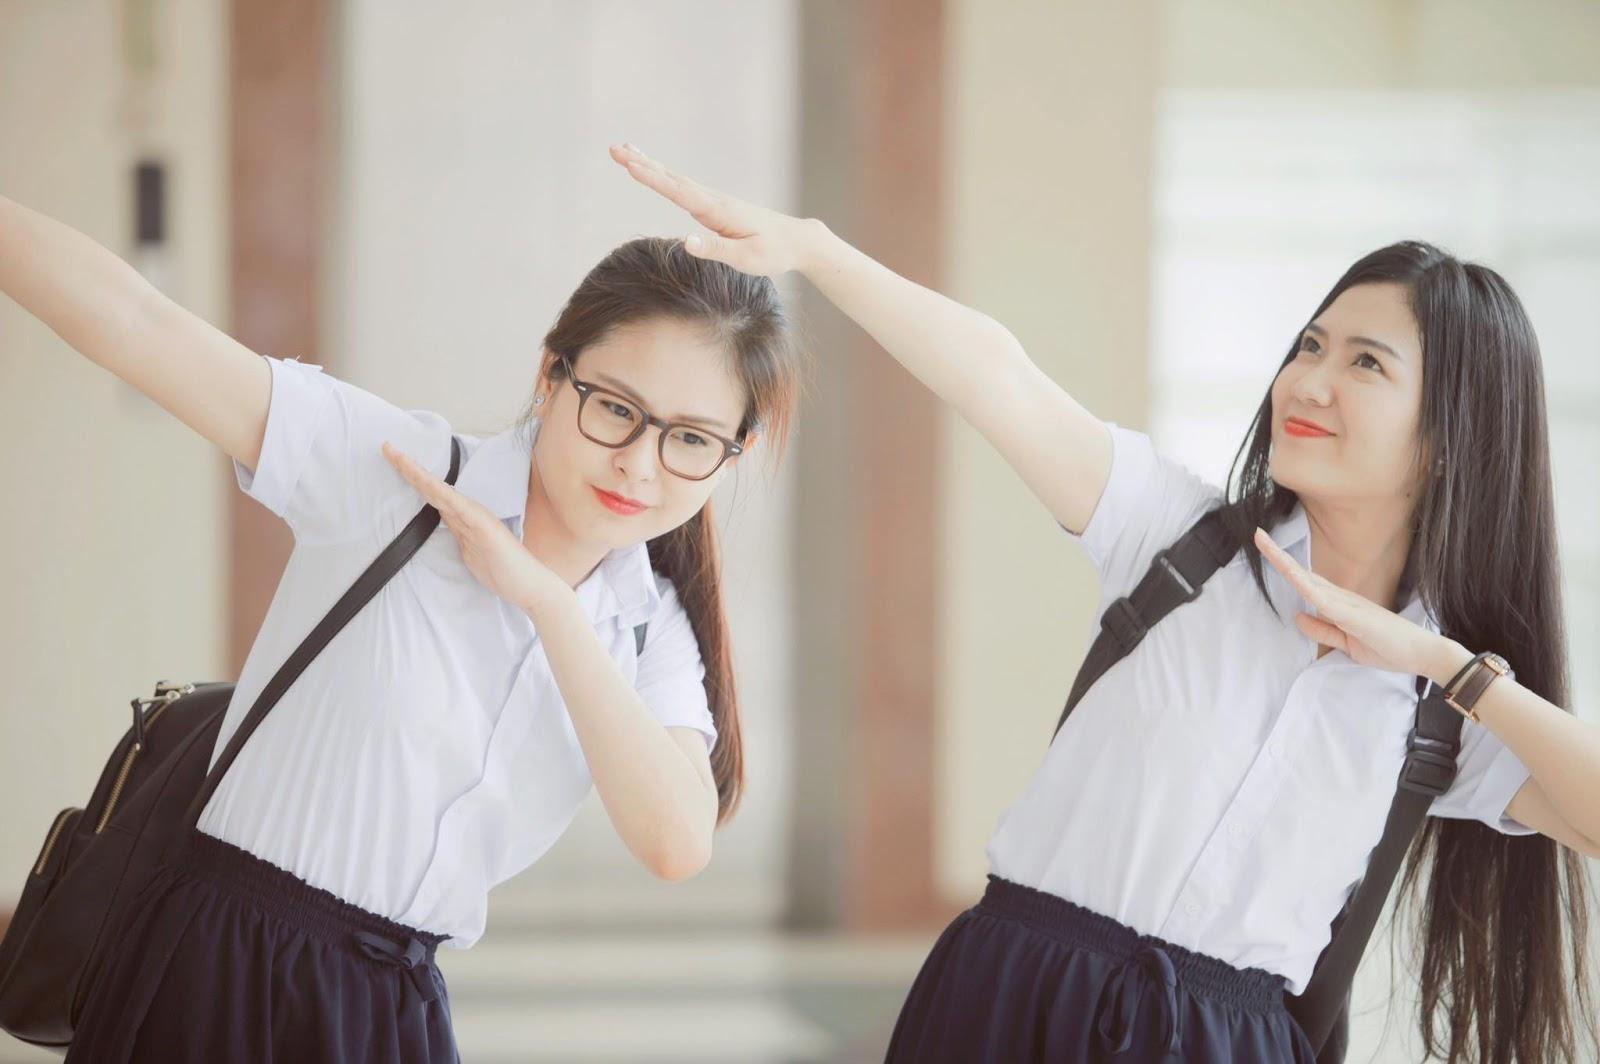 anh do thu faptv 2016 14 - HOT Girl Đỗ Thư FAPTV Gợi Cảm Quyến Rũ Mũm Mĩm Đáng Yêu